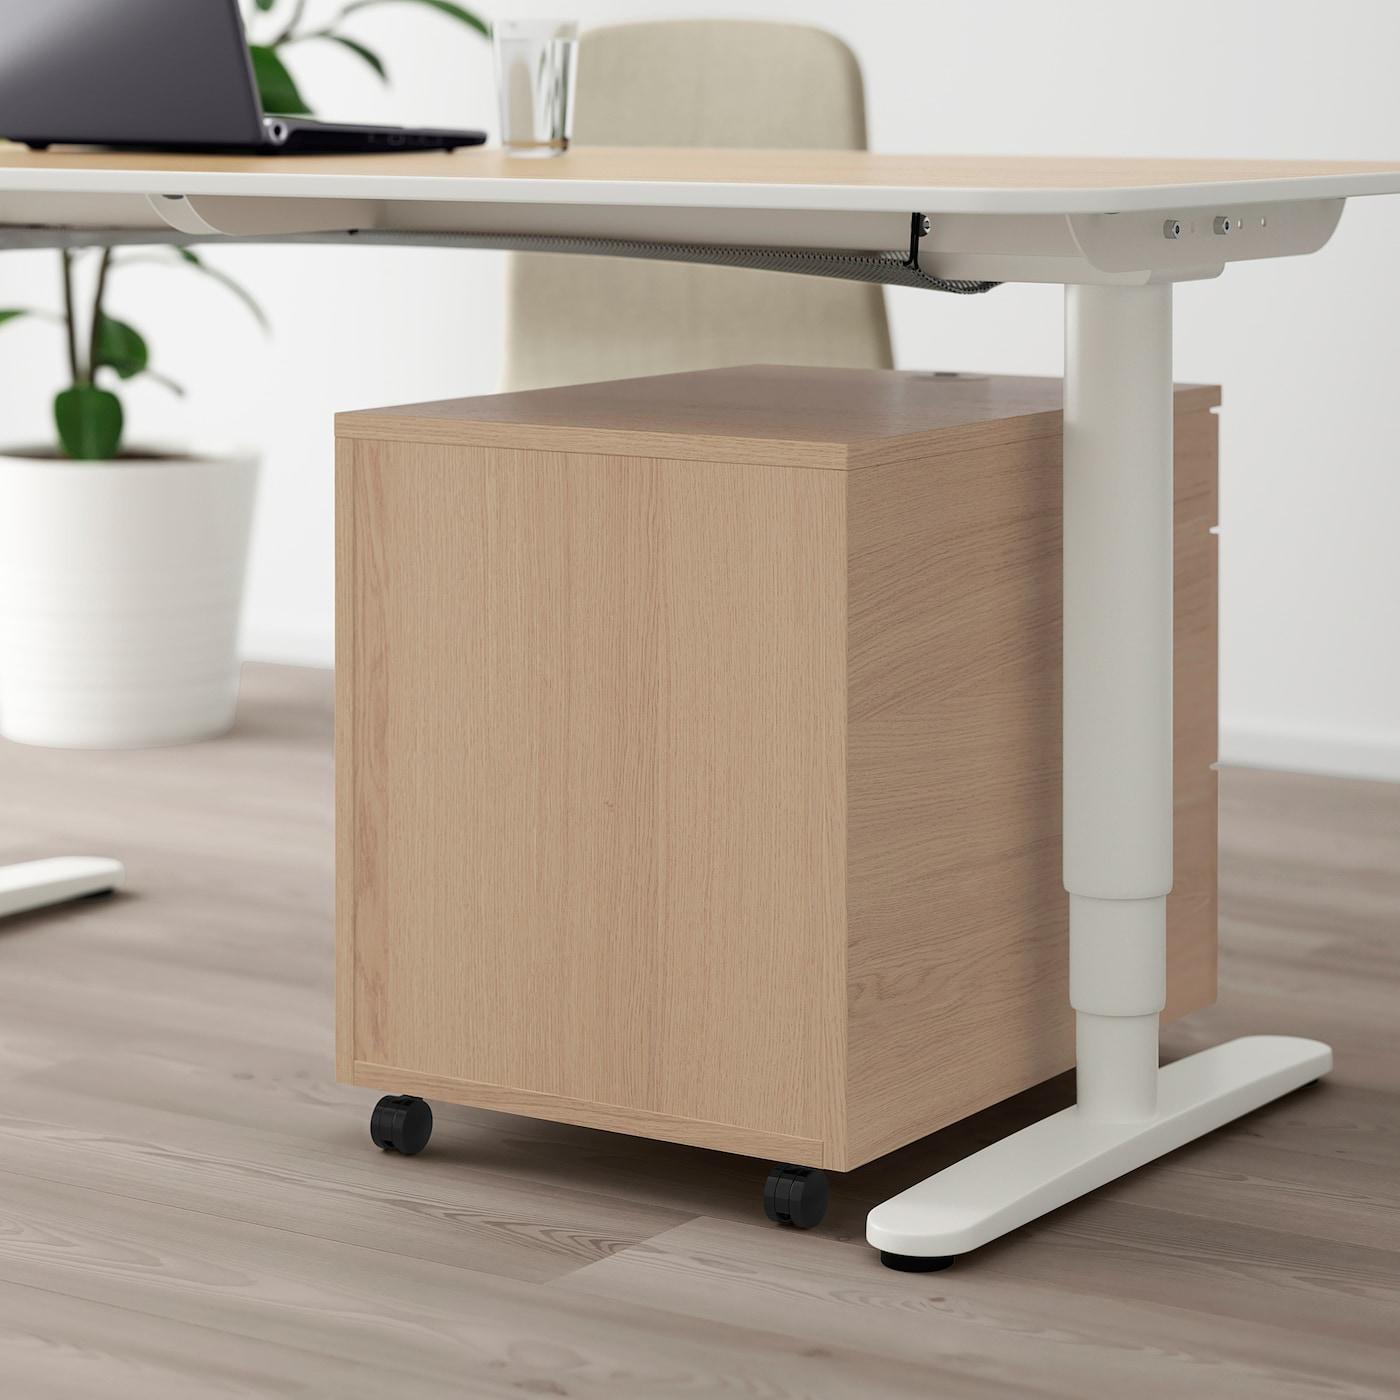 5 pack Ikea PUNKT Castor soft floors 50 mm NEW